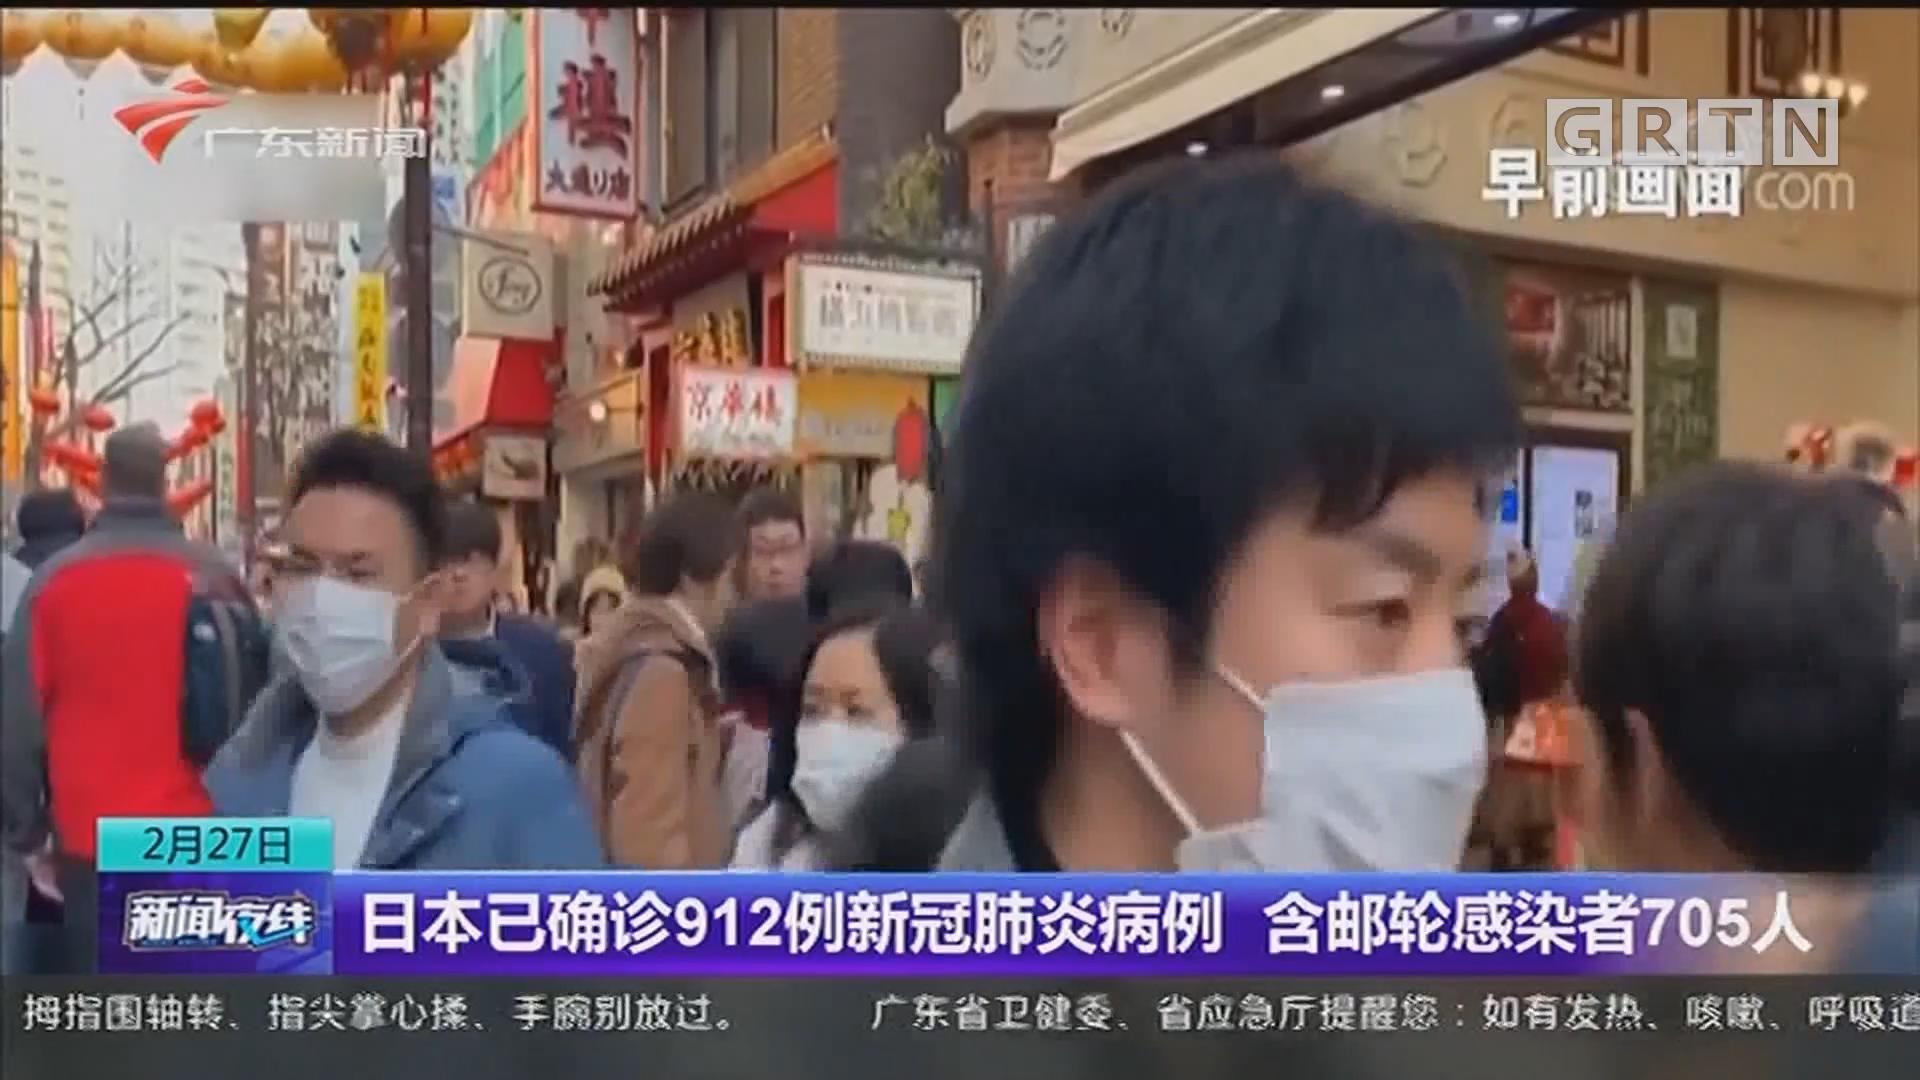 日本已确诊912例新冠肺炎病例 含邮轮感染者705人